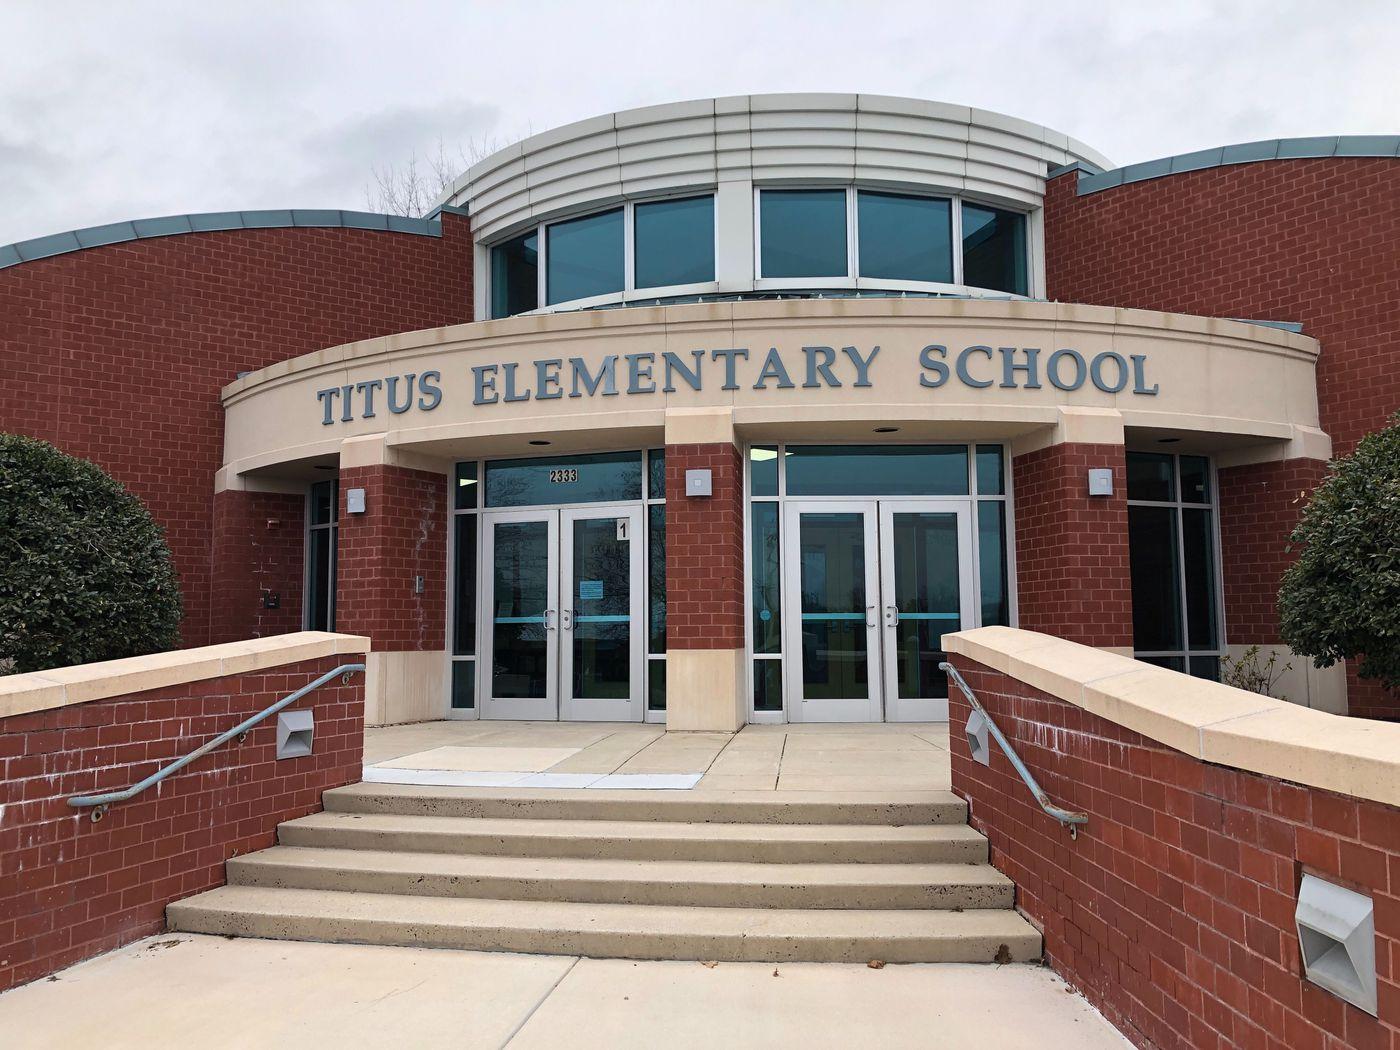 Titus Elementary School.